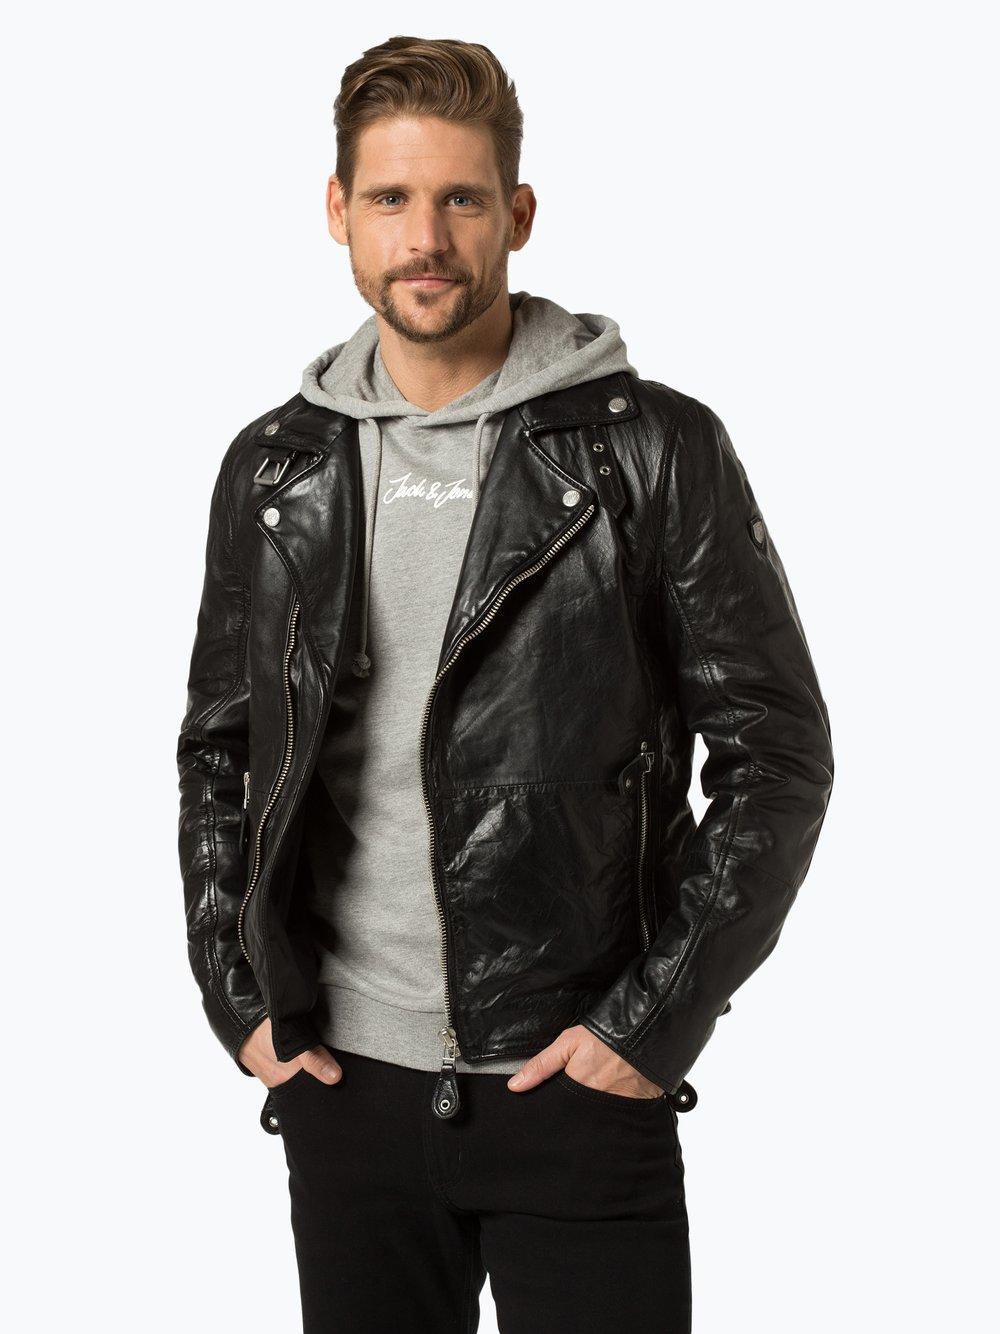 Gipsy Lederjacke Mavric schwarz | Lederjacke, Lederjacke